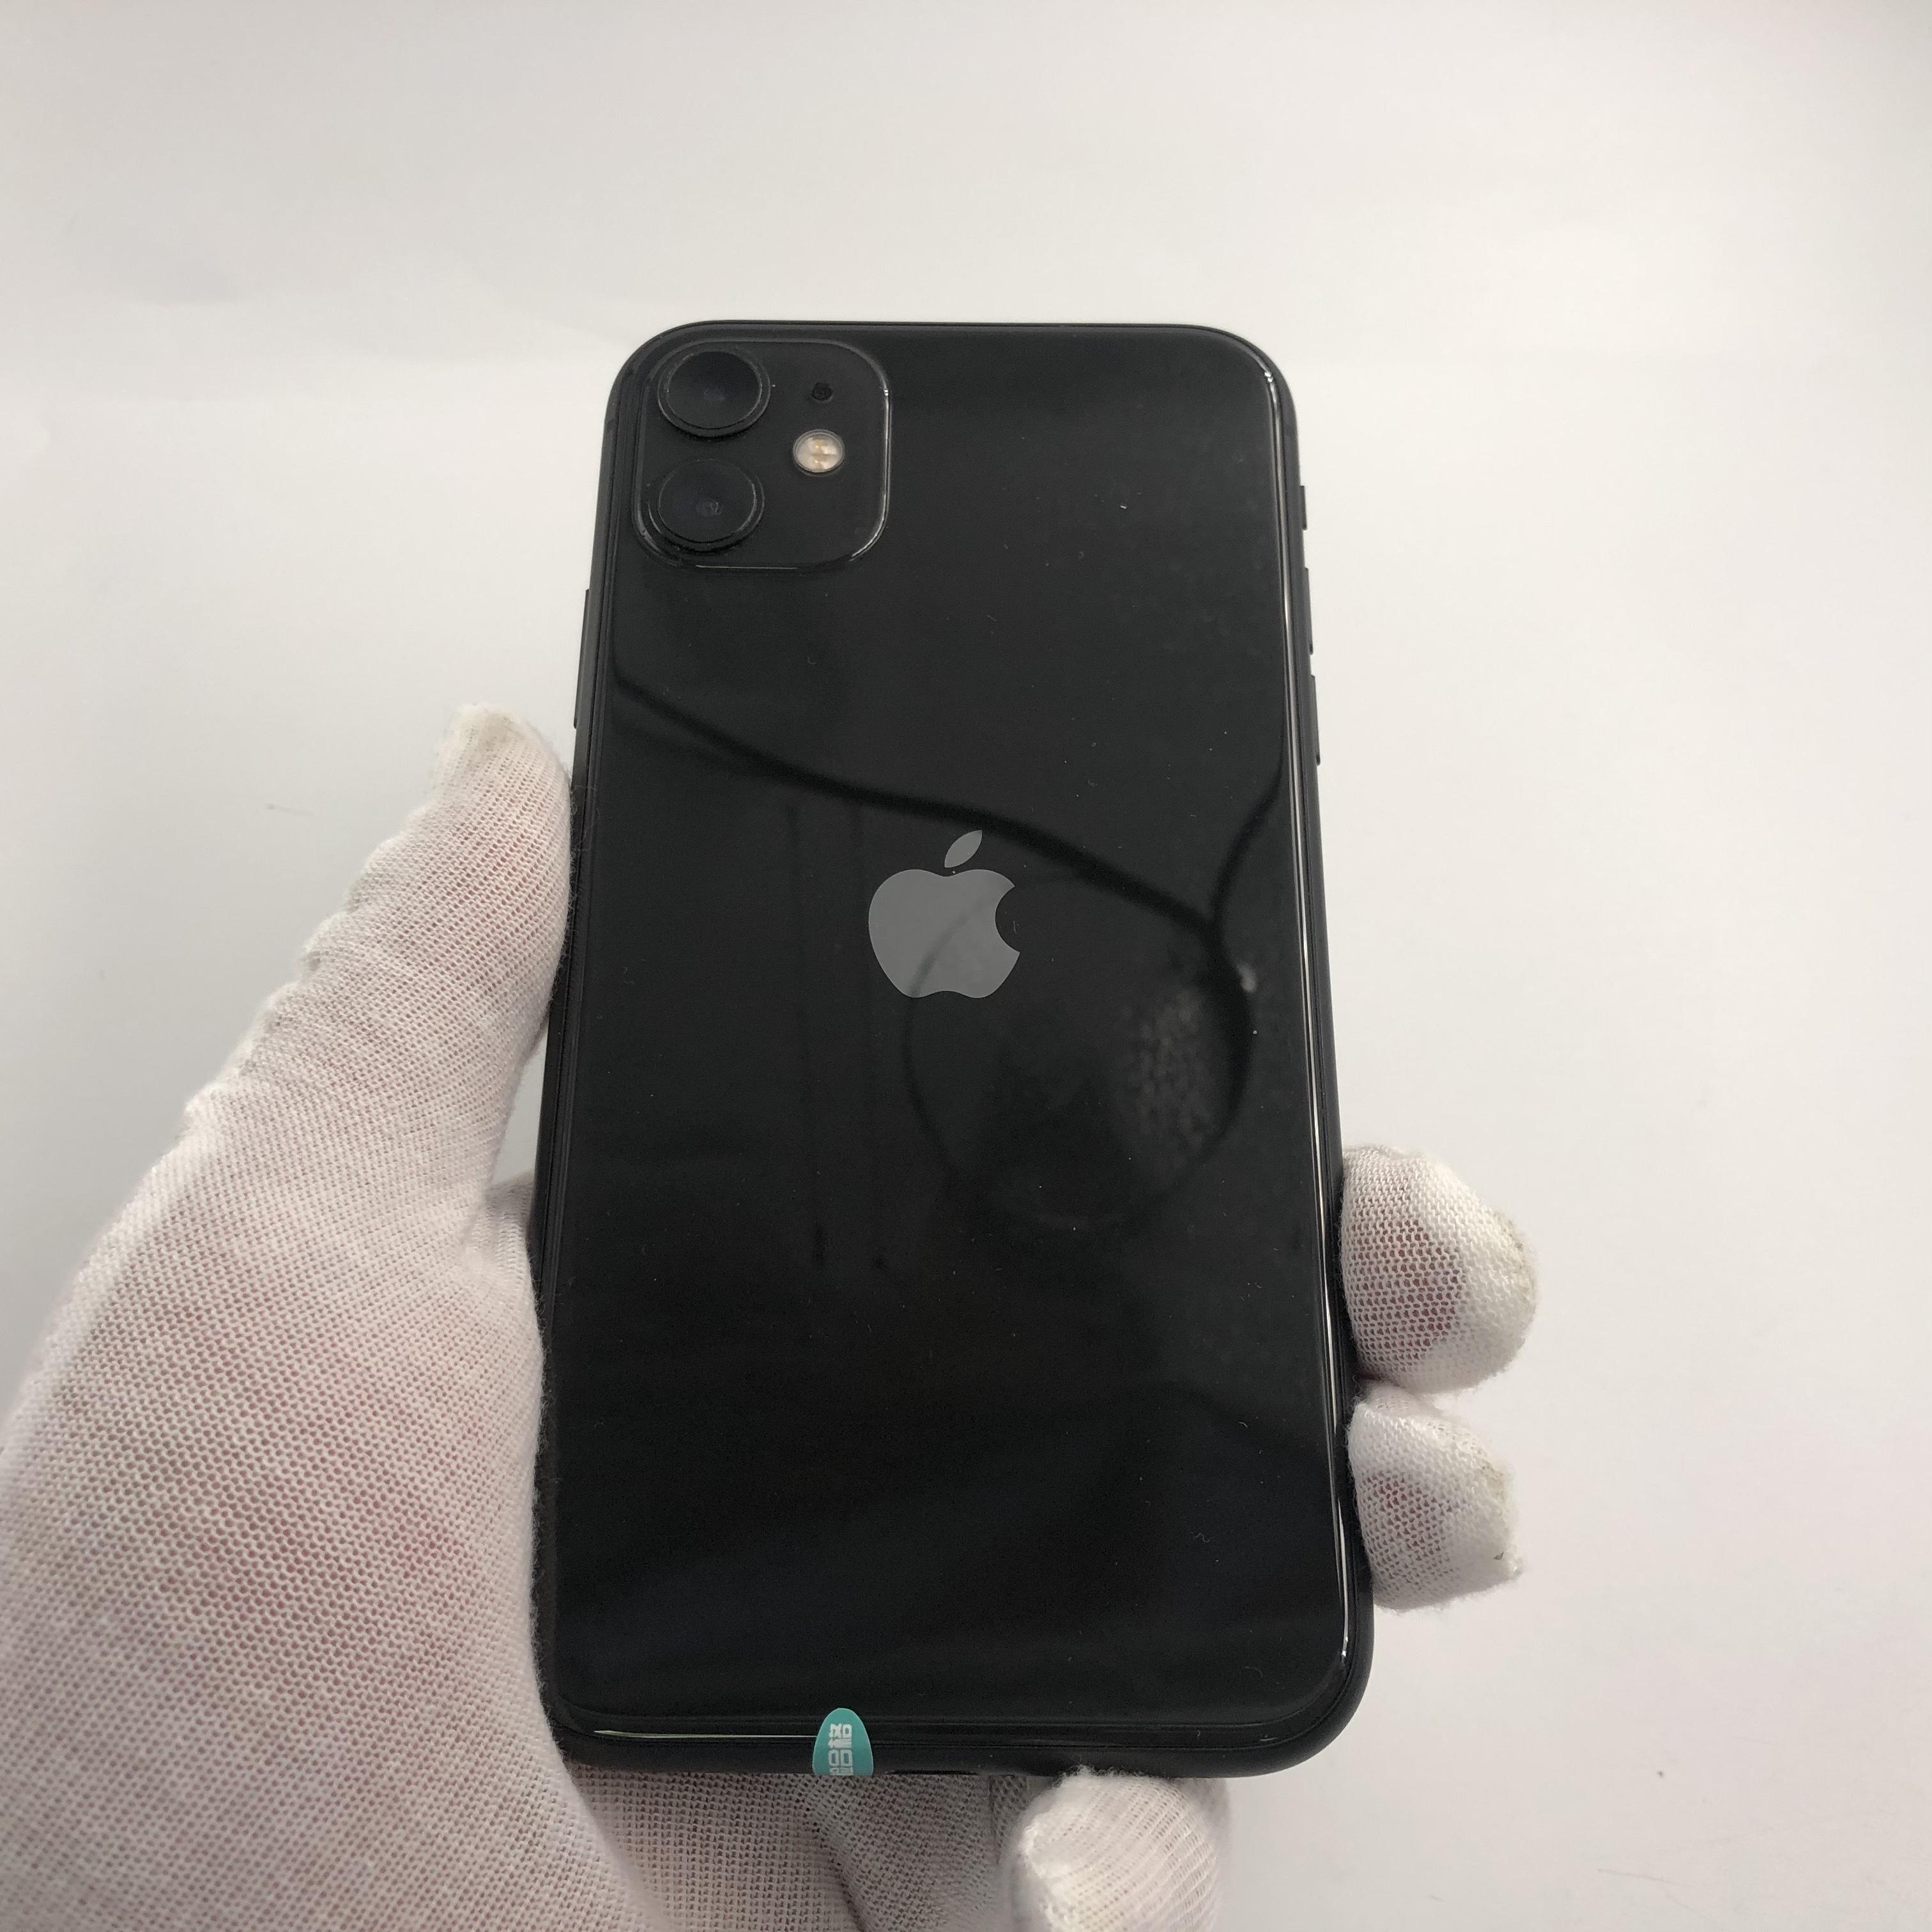 苹果【iPhone 11】全网通 黑色 128G 国行 8成新